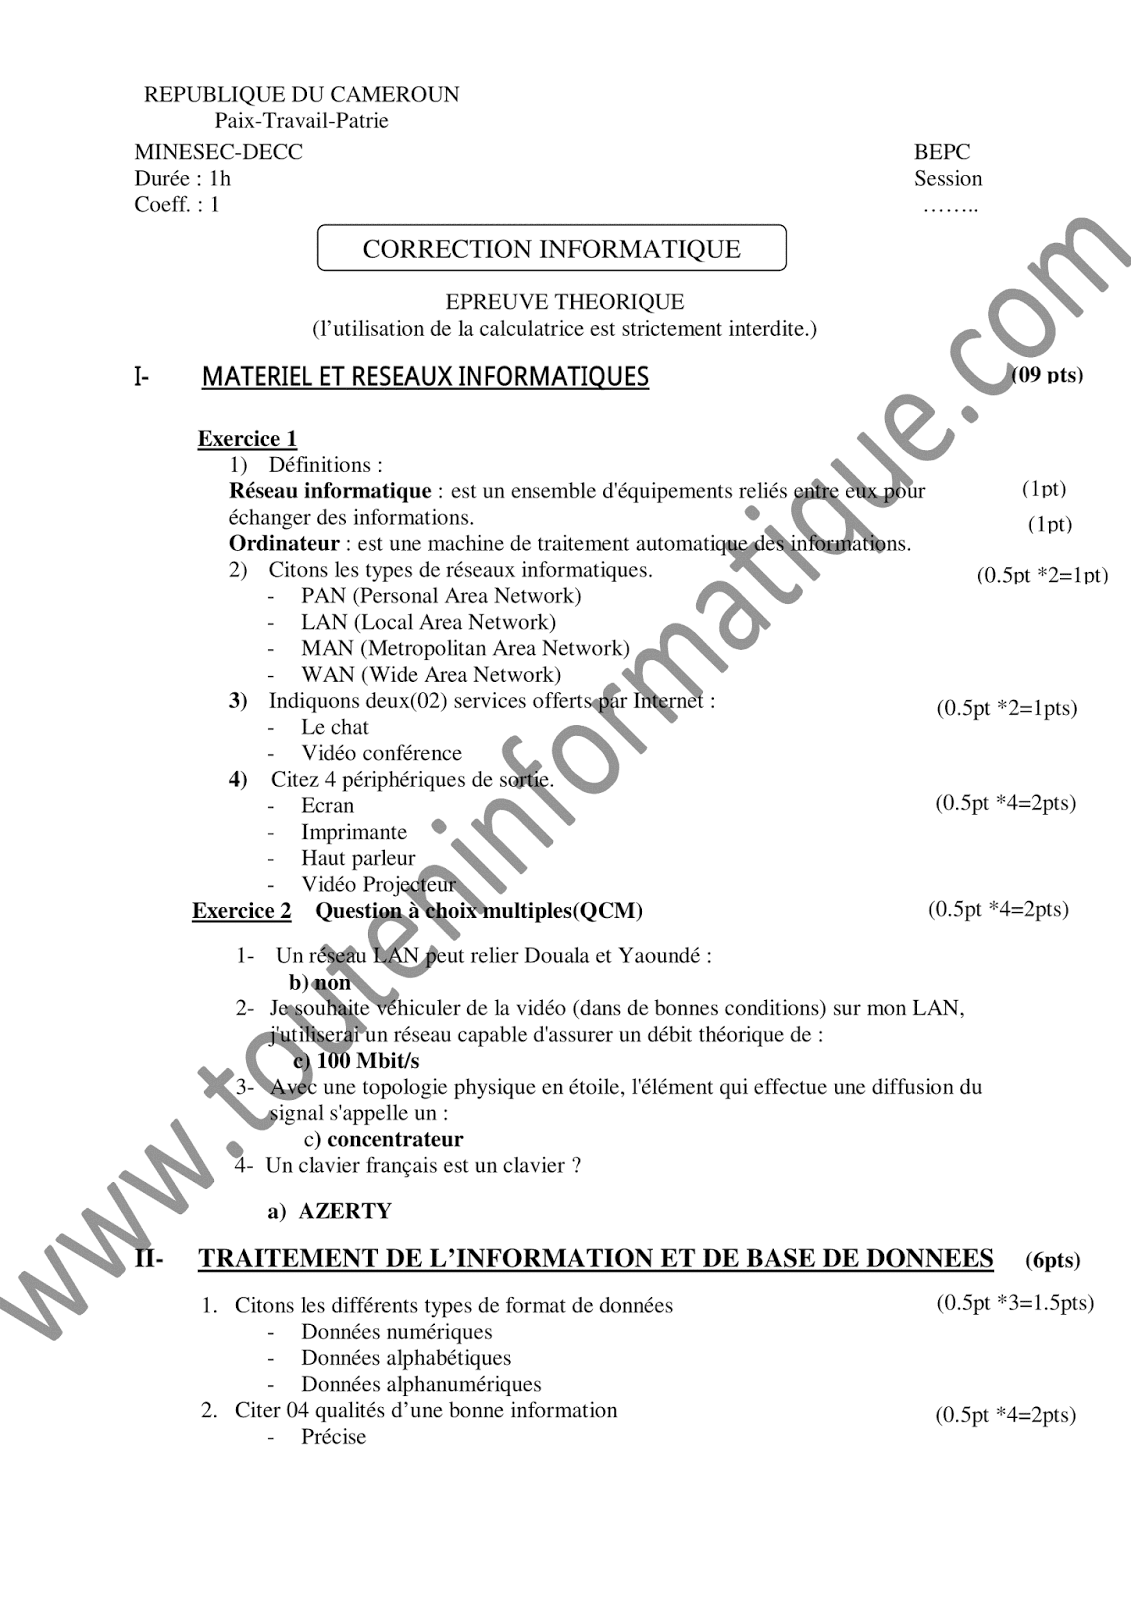 PDF BEPC TÉLÉCHARGER SUJET